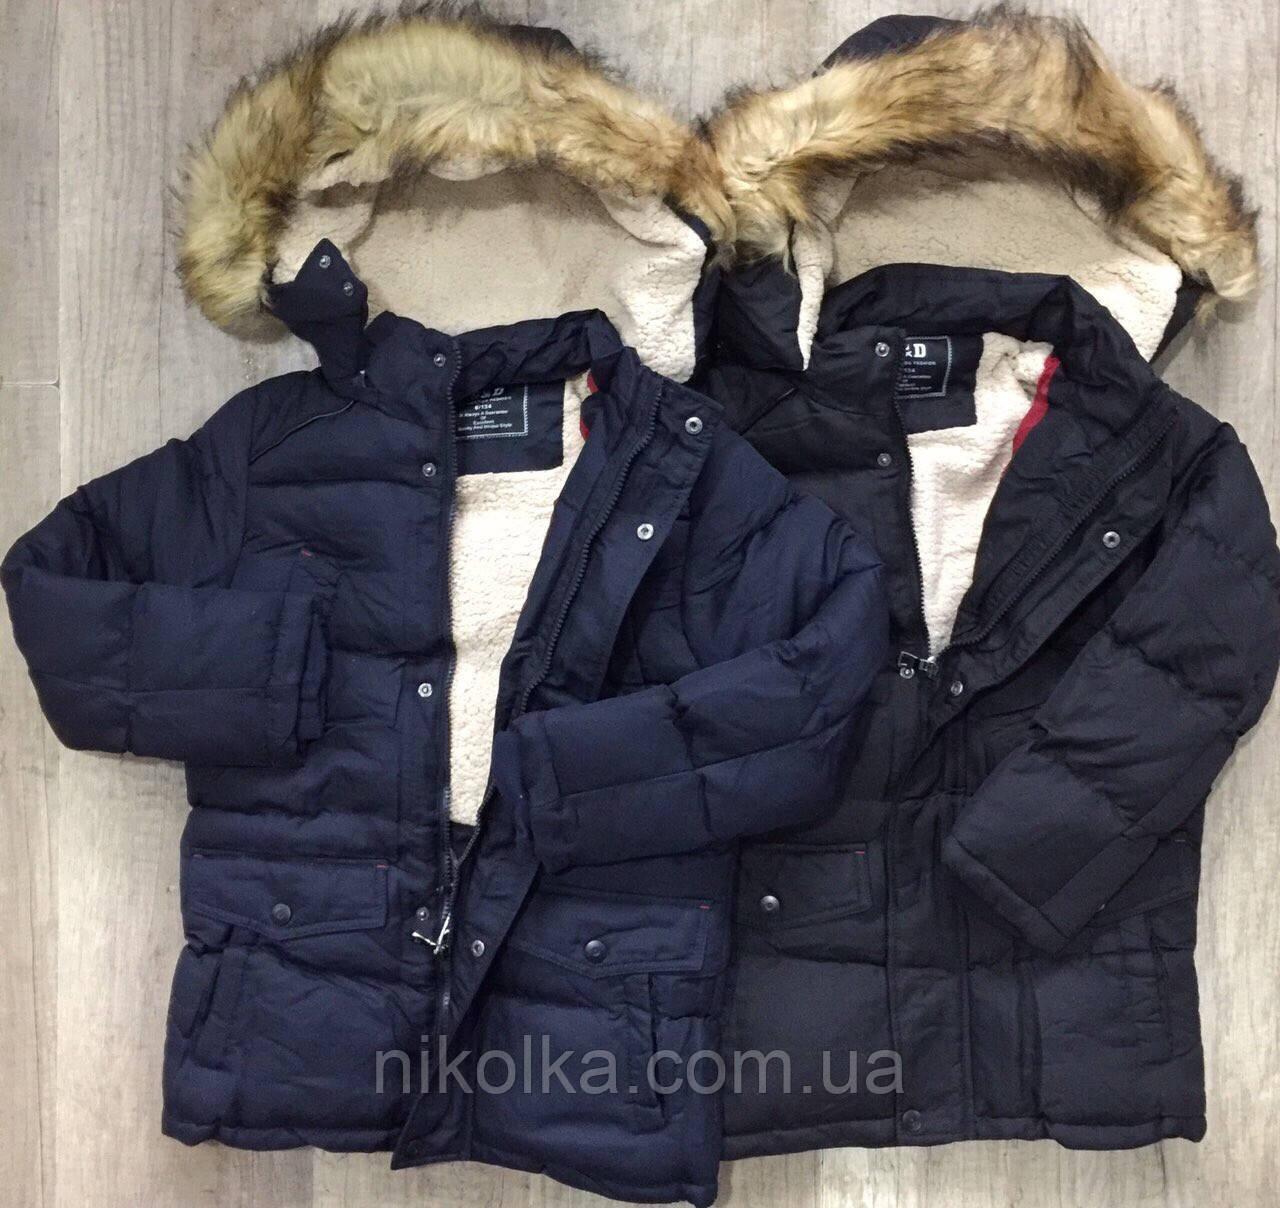 Куртки на меху для мальчиков оптом, S&D, 6-16 лет, арт. KF-35